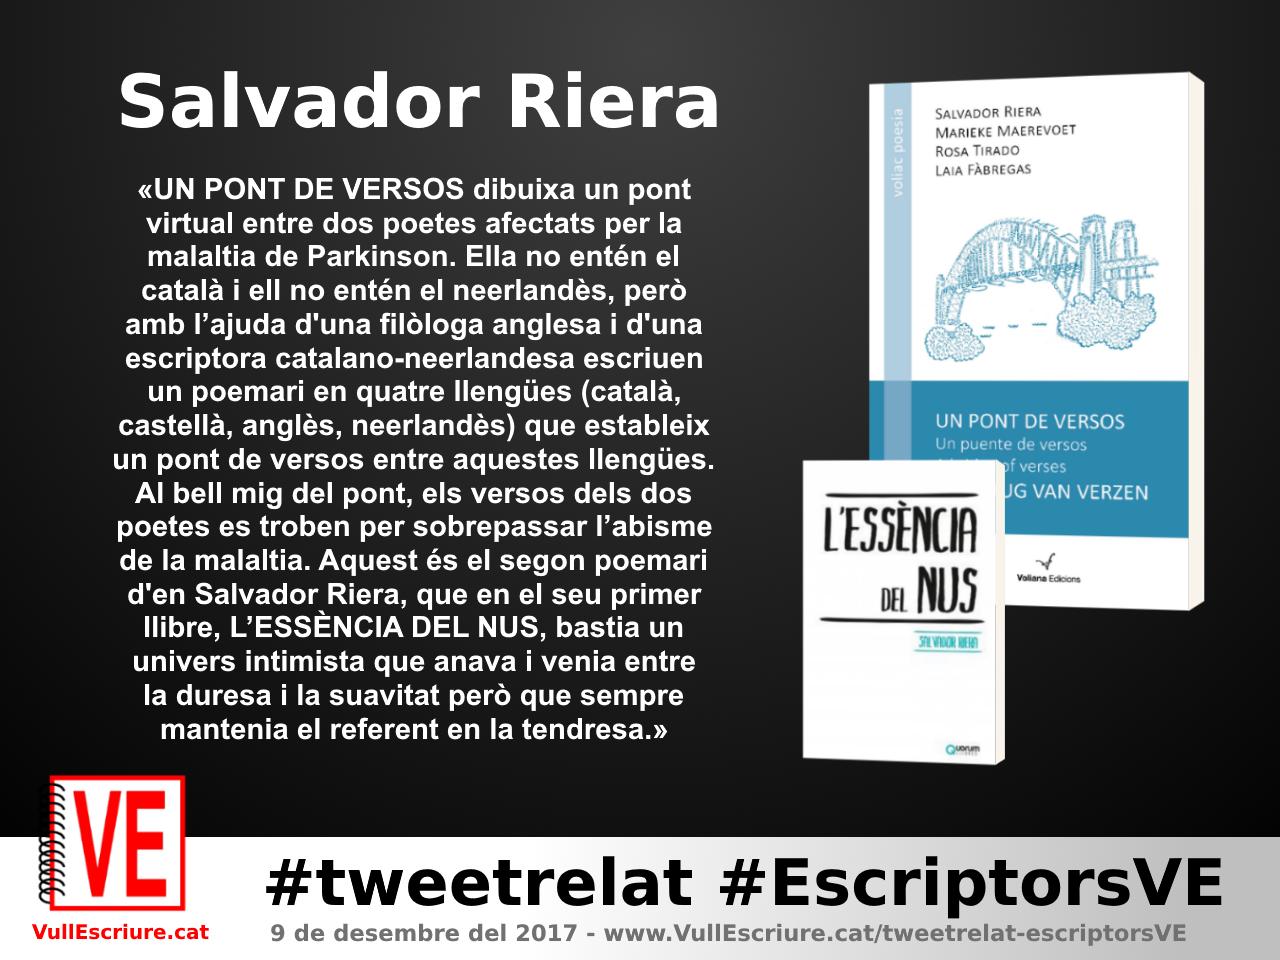 VullEscriure - Marató escriptura #tweetrelat #EscriptorsVE - Salvador Riera - Un pont de versos